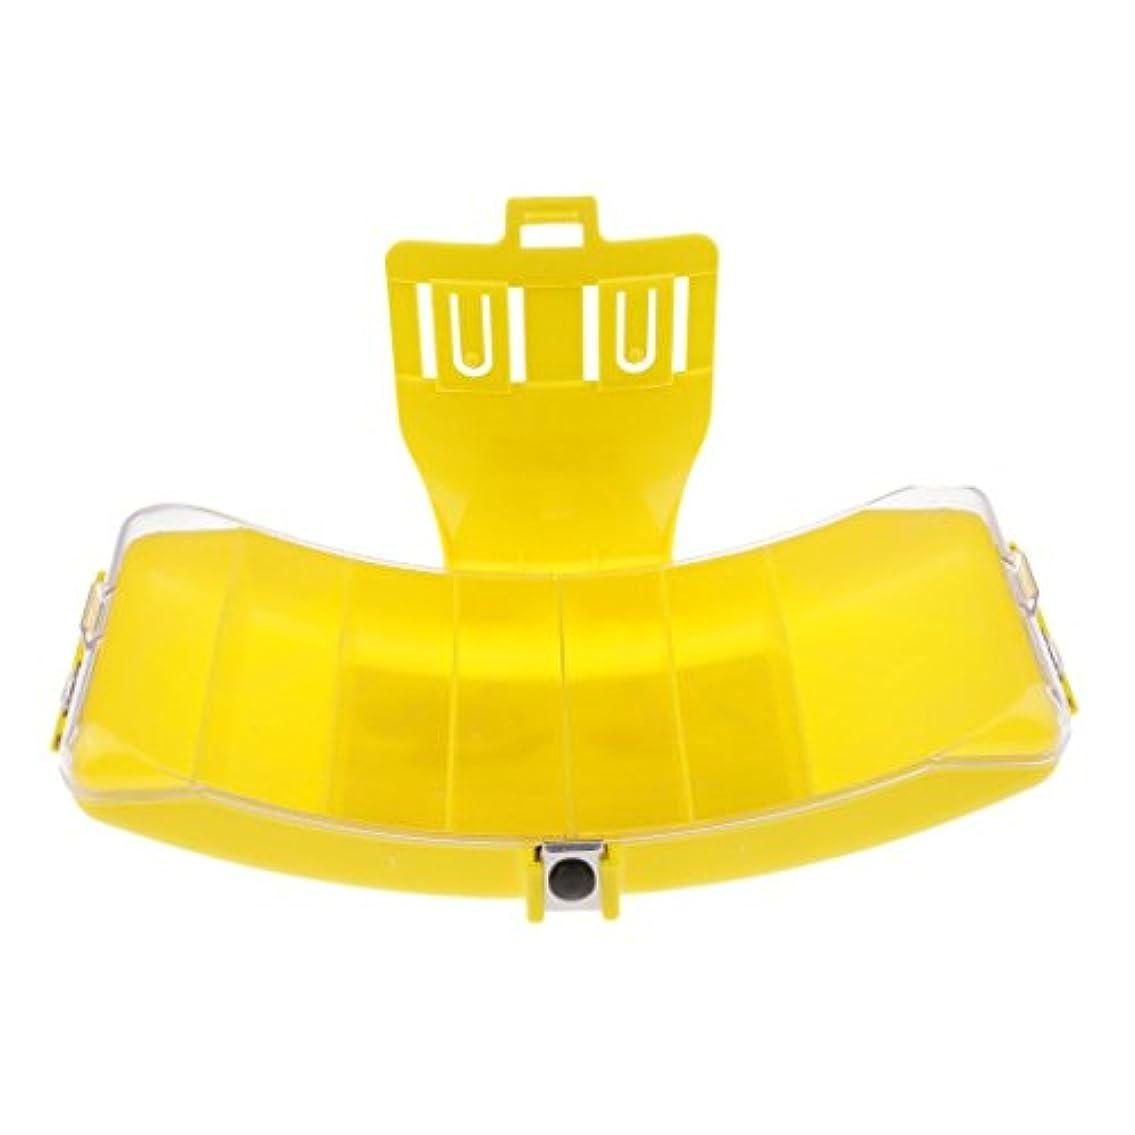 ステーキ引き金民主党Fenteer 釣り餌 ルアーケース フライボックス 腰掛け ベルト 固定 ABS樹脂素材 高性能 全2色